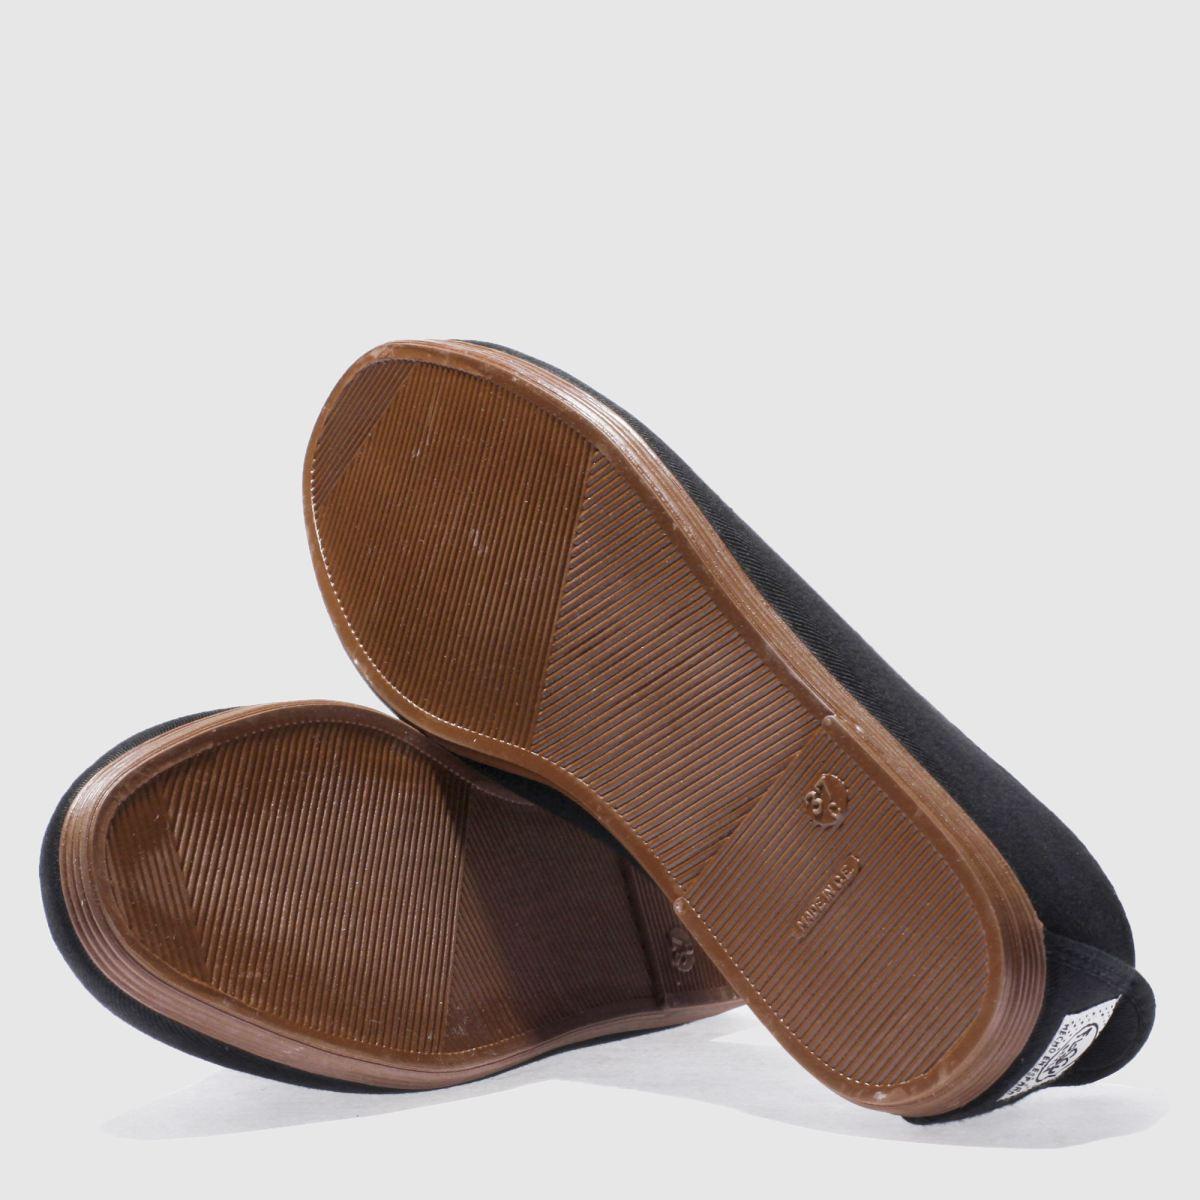 Damen Schwarz flossy Plimsoll Flats | schuh Gute Qualität beliebte beliebte beliebte Schuhe 33770a